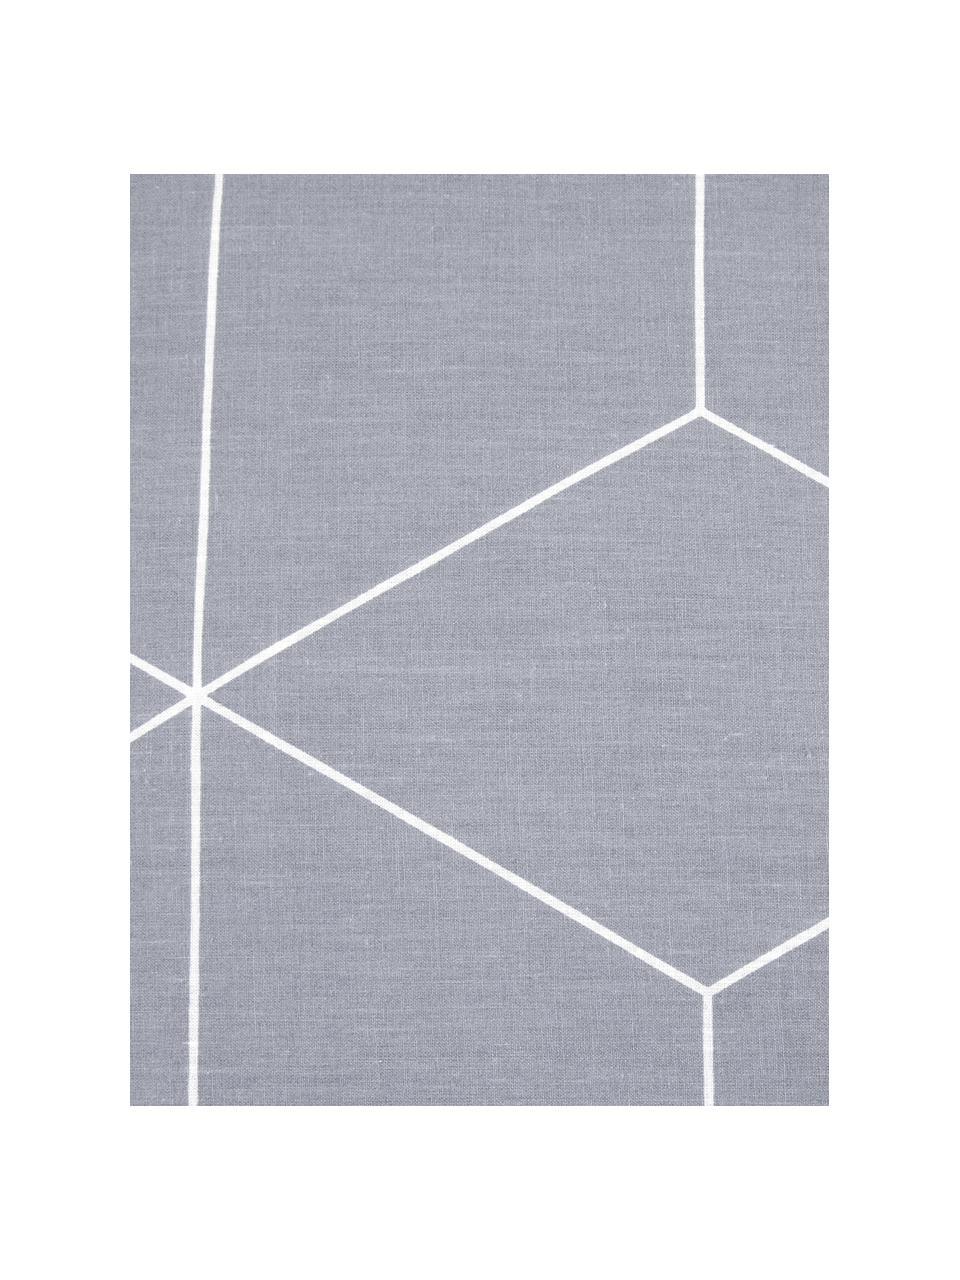 Pościel z bawełny Lynn, Szary, kremowobiały, 135 x 200 cm + 1 poduszka 80 x 80 cm